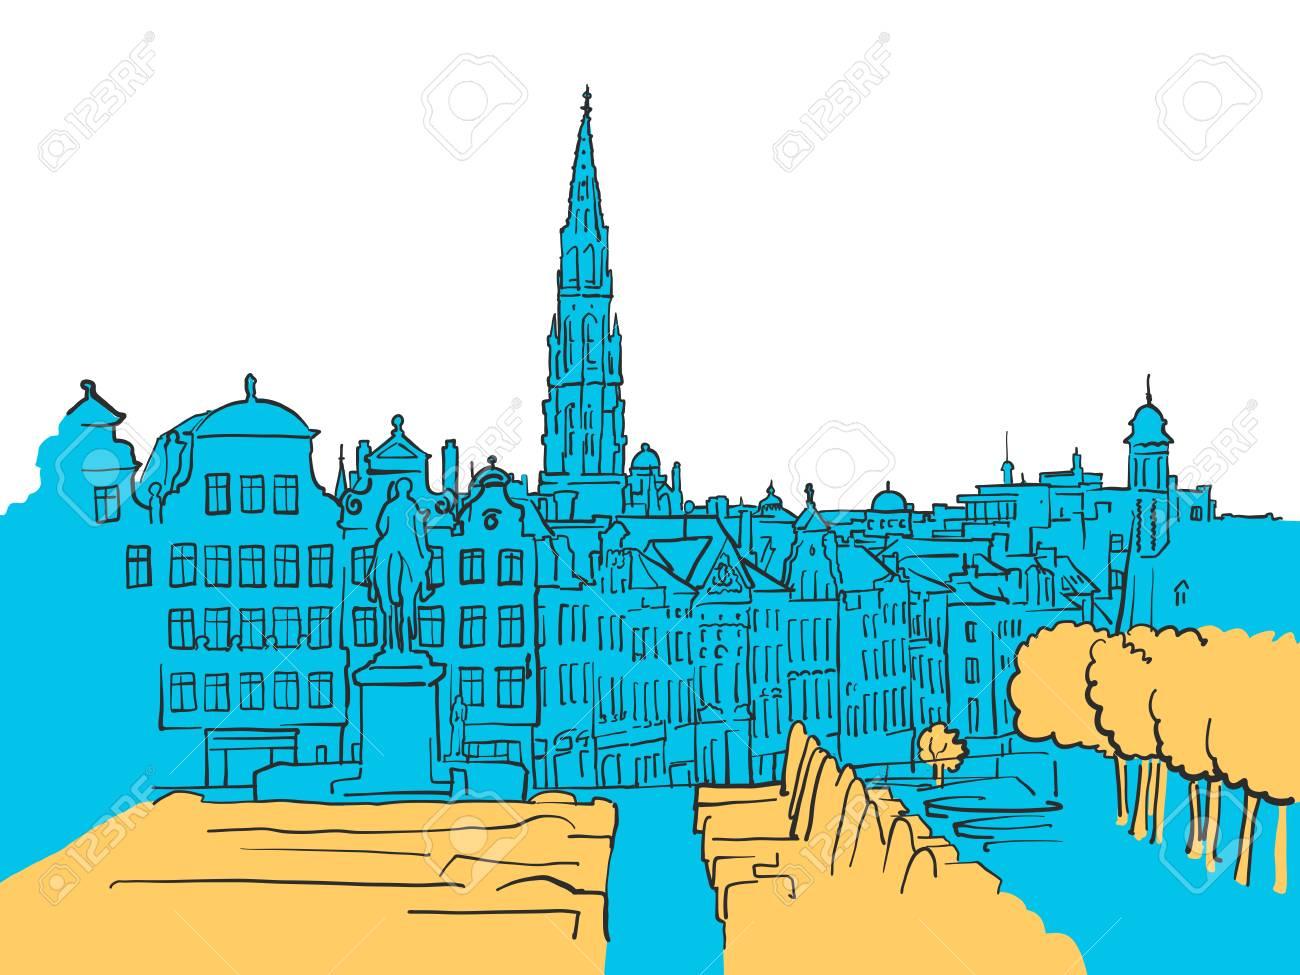 ベルギー ブリュッセルの色青い図形と黄色のハイライト シーンベクトル